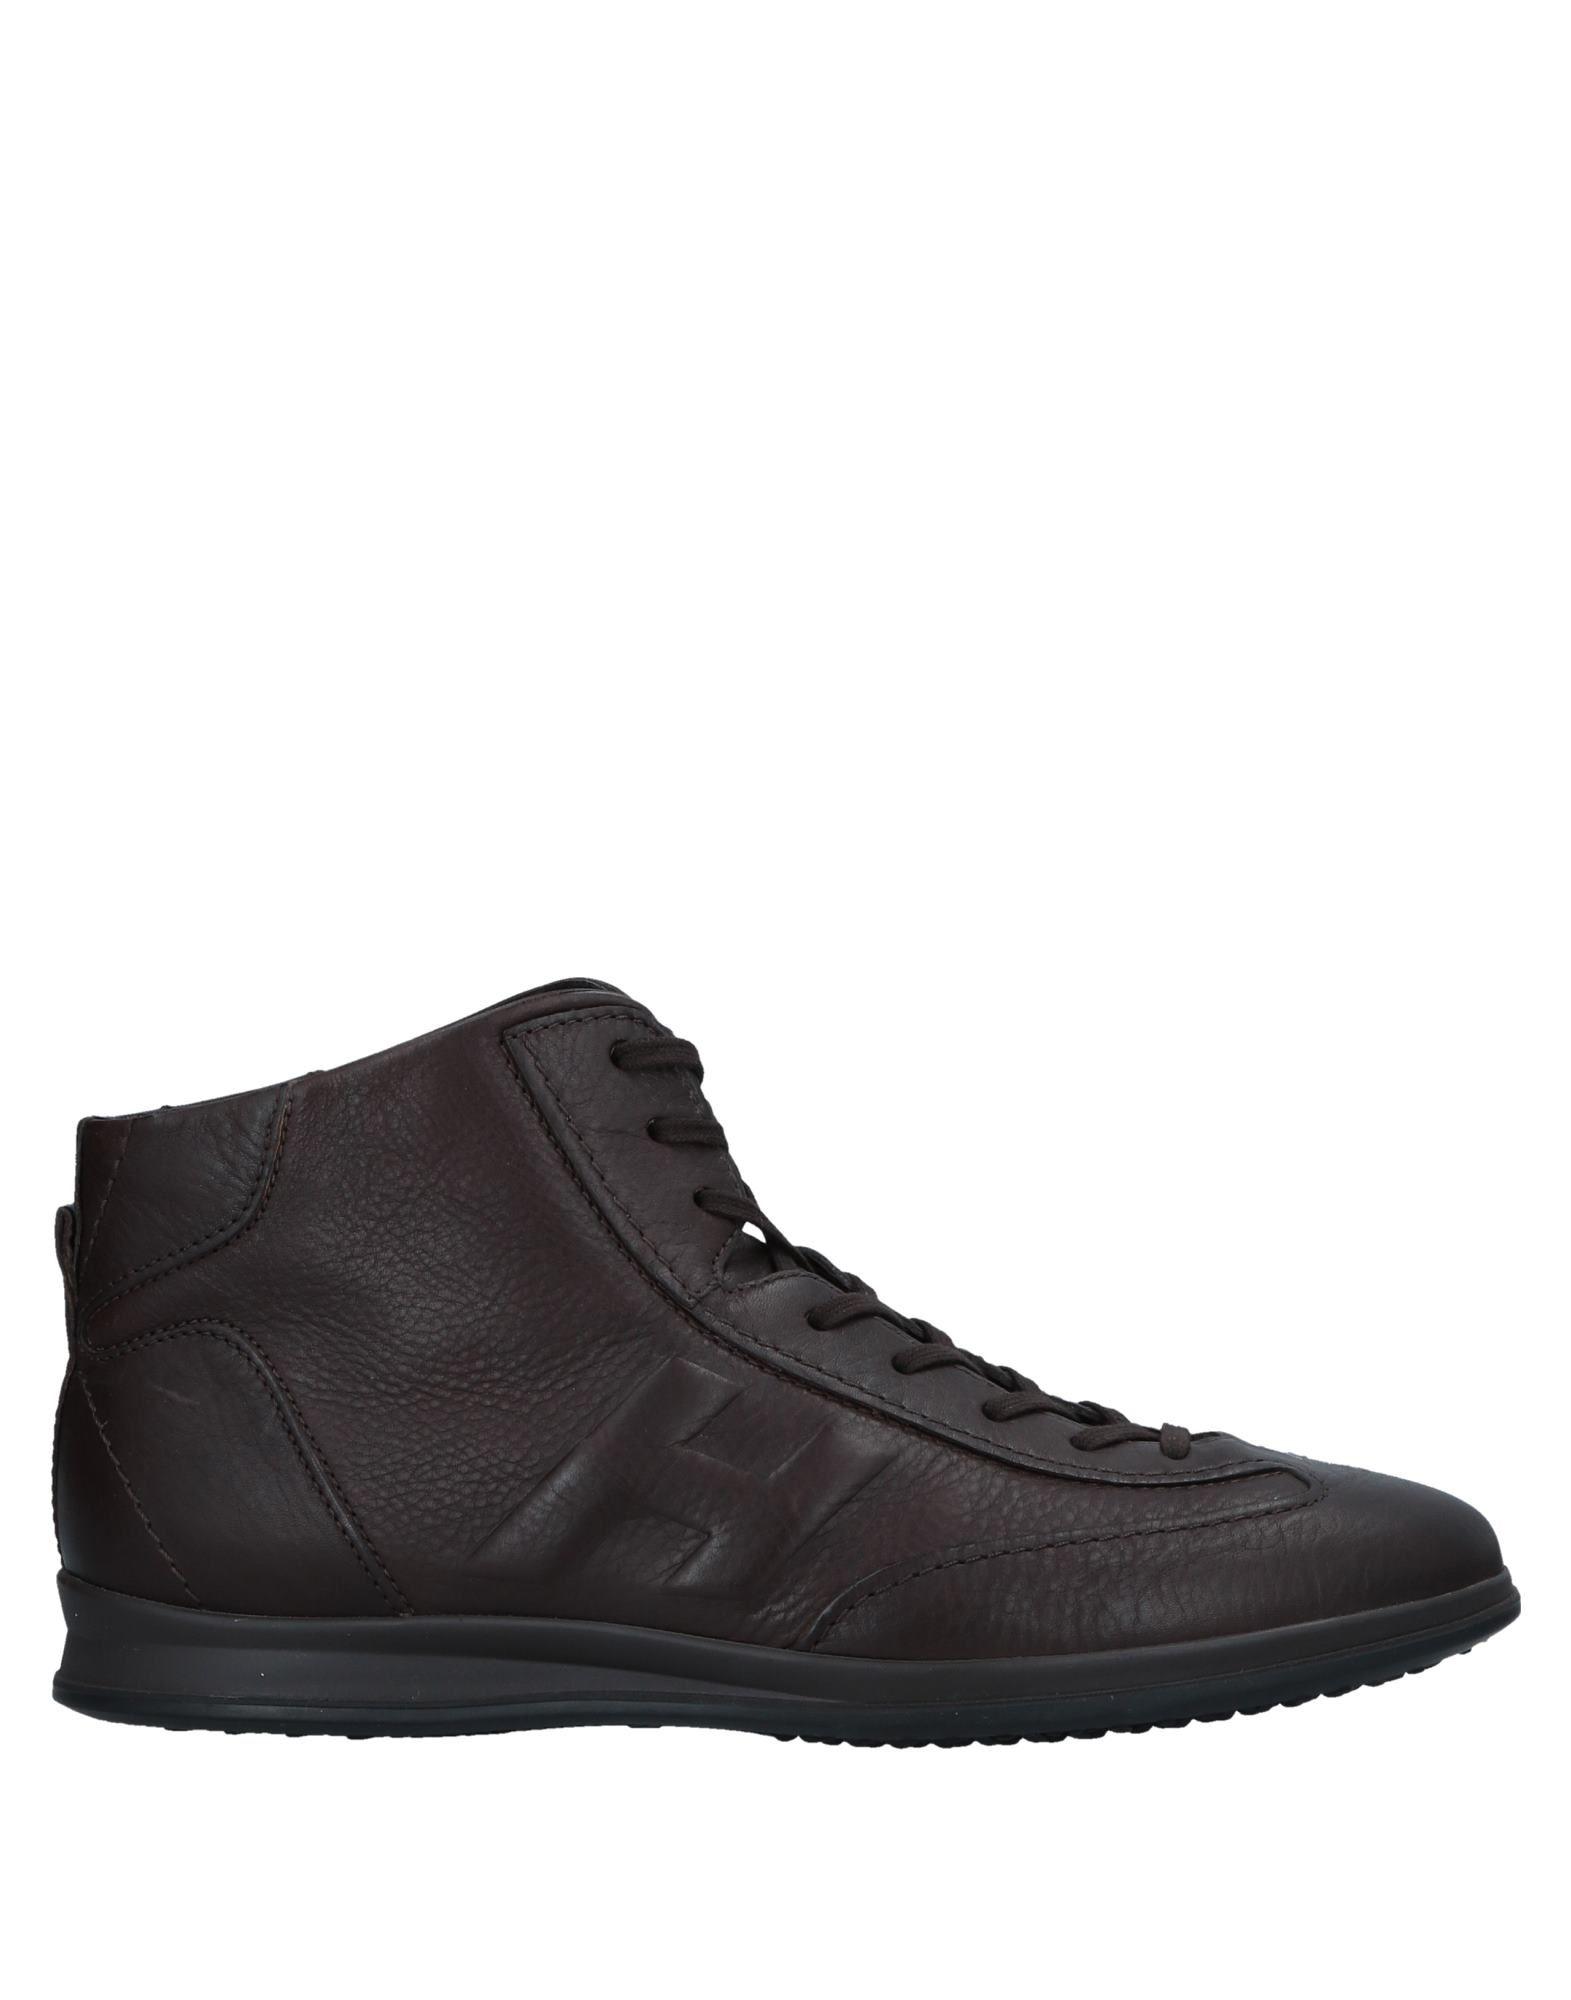 Sneakers Hogan Uomo - 11528506HD Scarpe economiche e buone